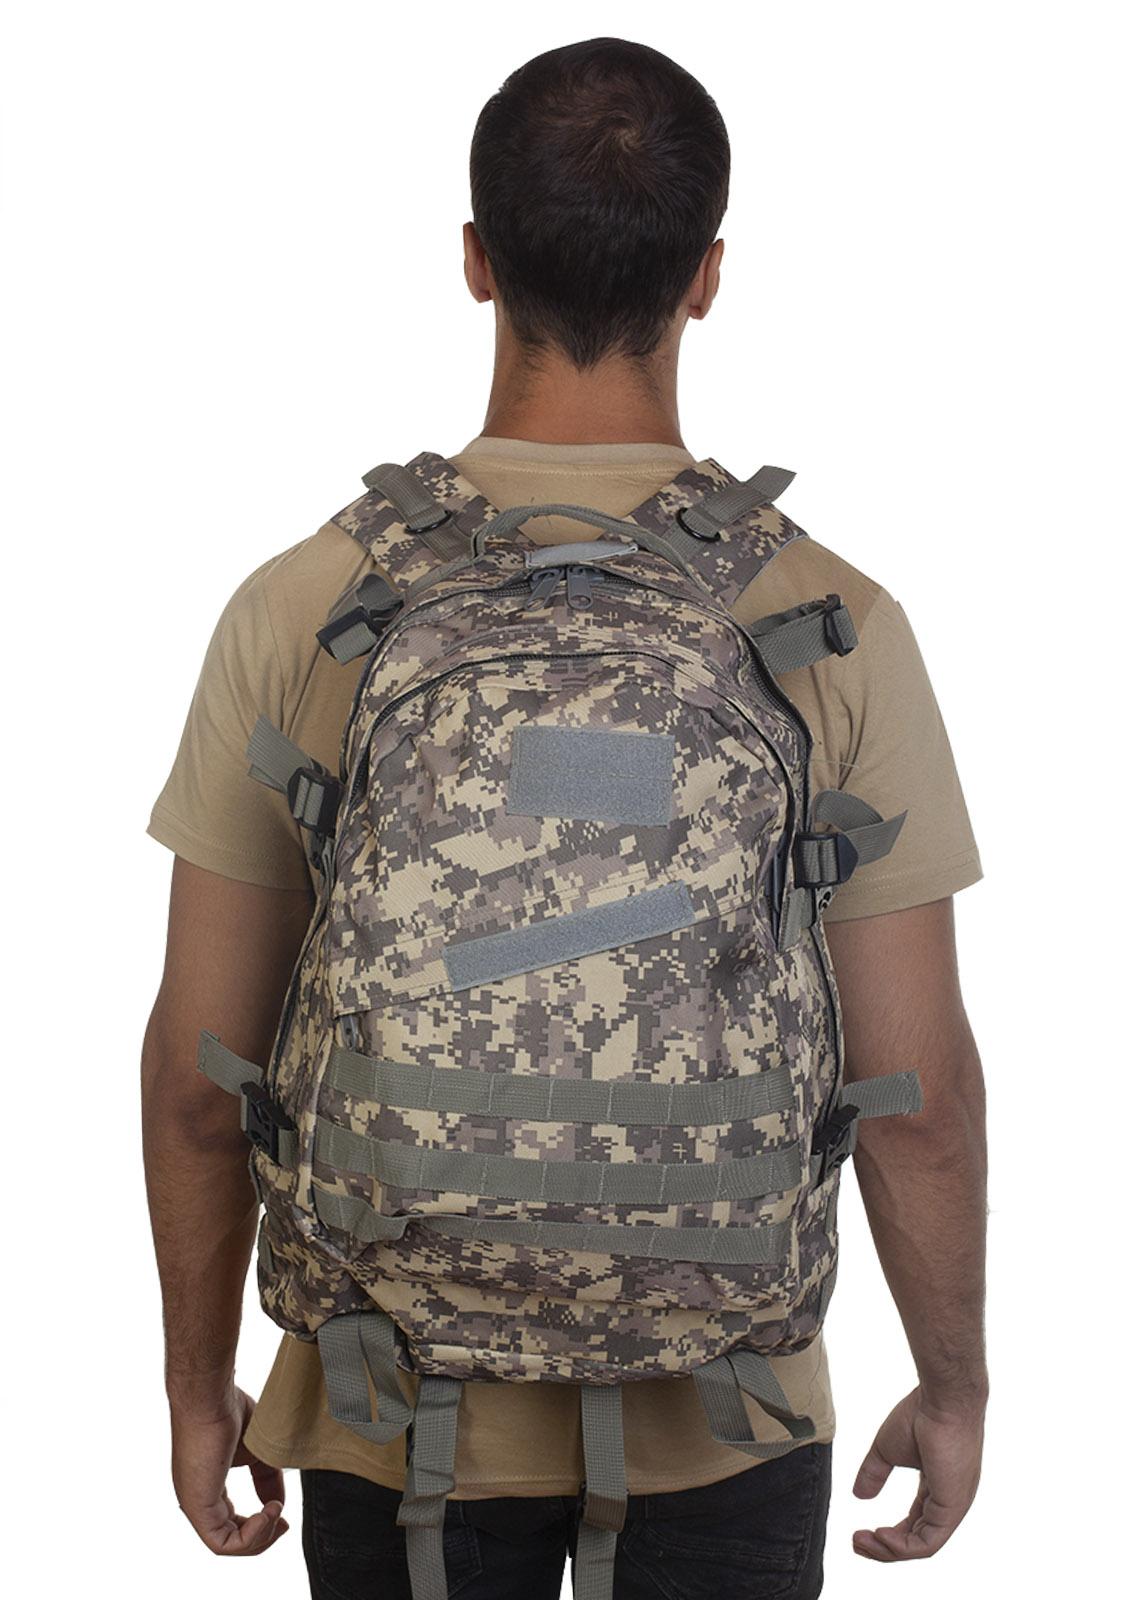 Лучший рюкзак для мужчин-любителей активного отдыха (камуфляж ACU)  оптом и в розницу